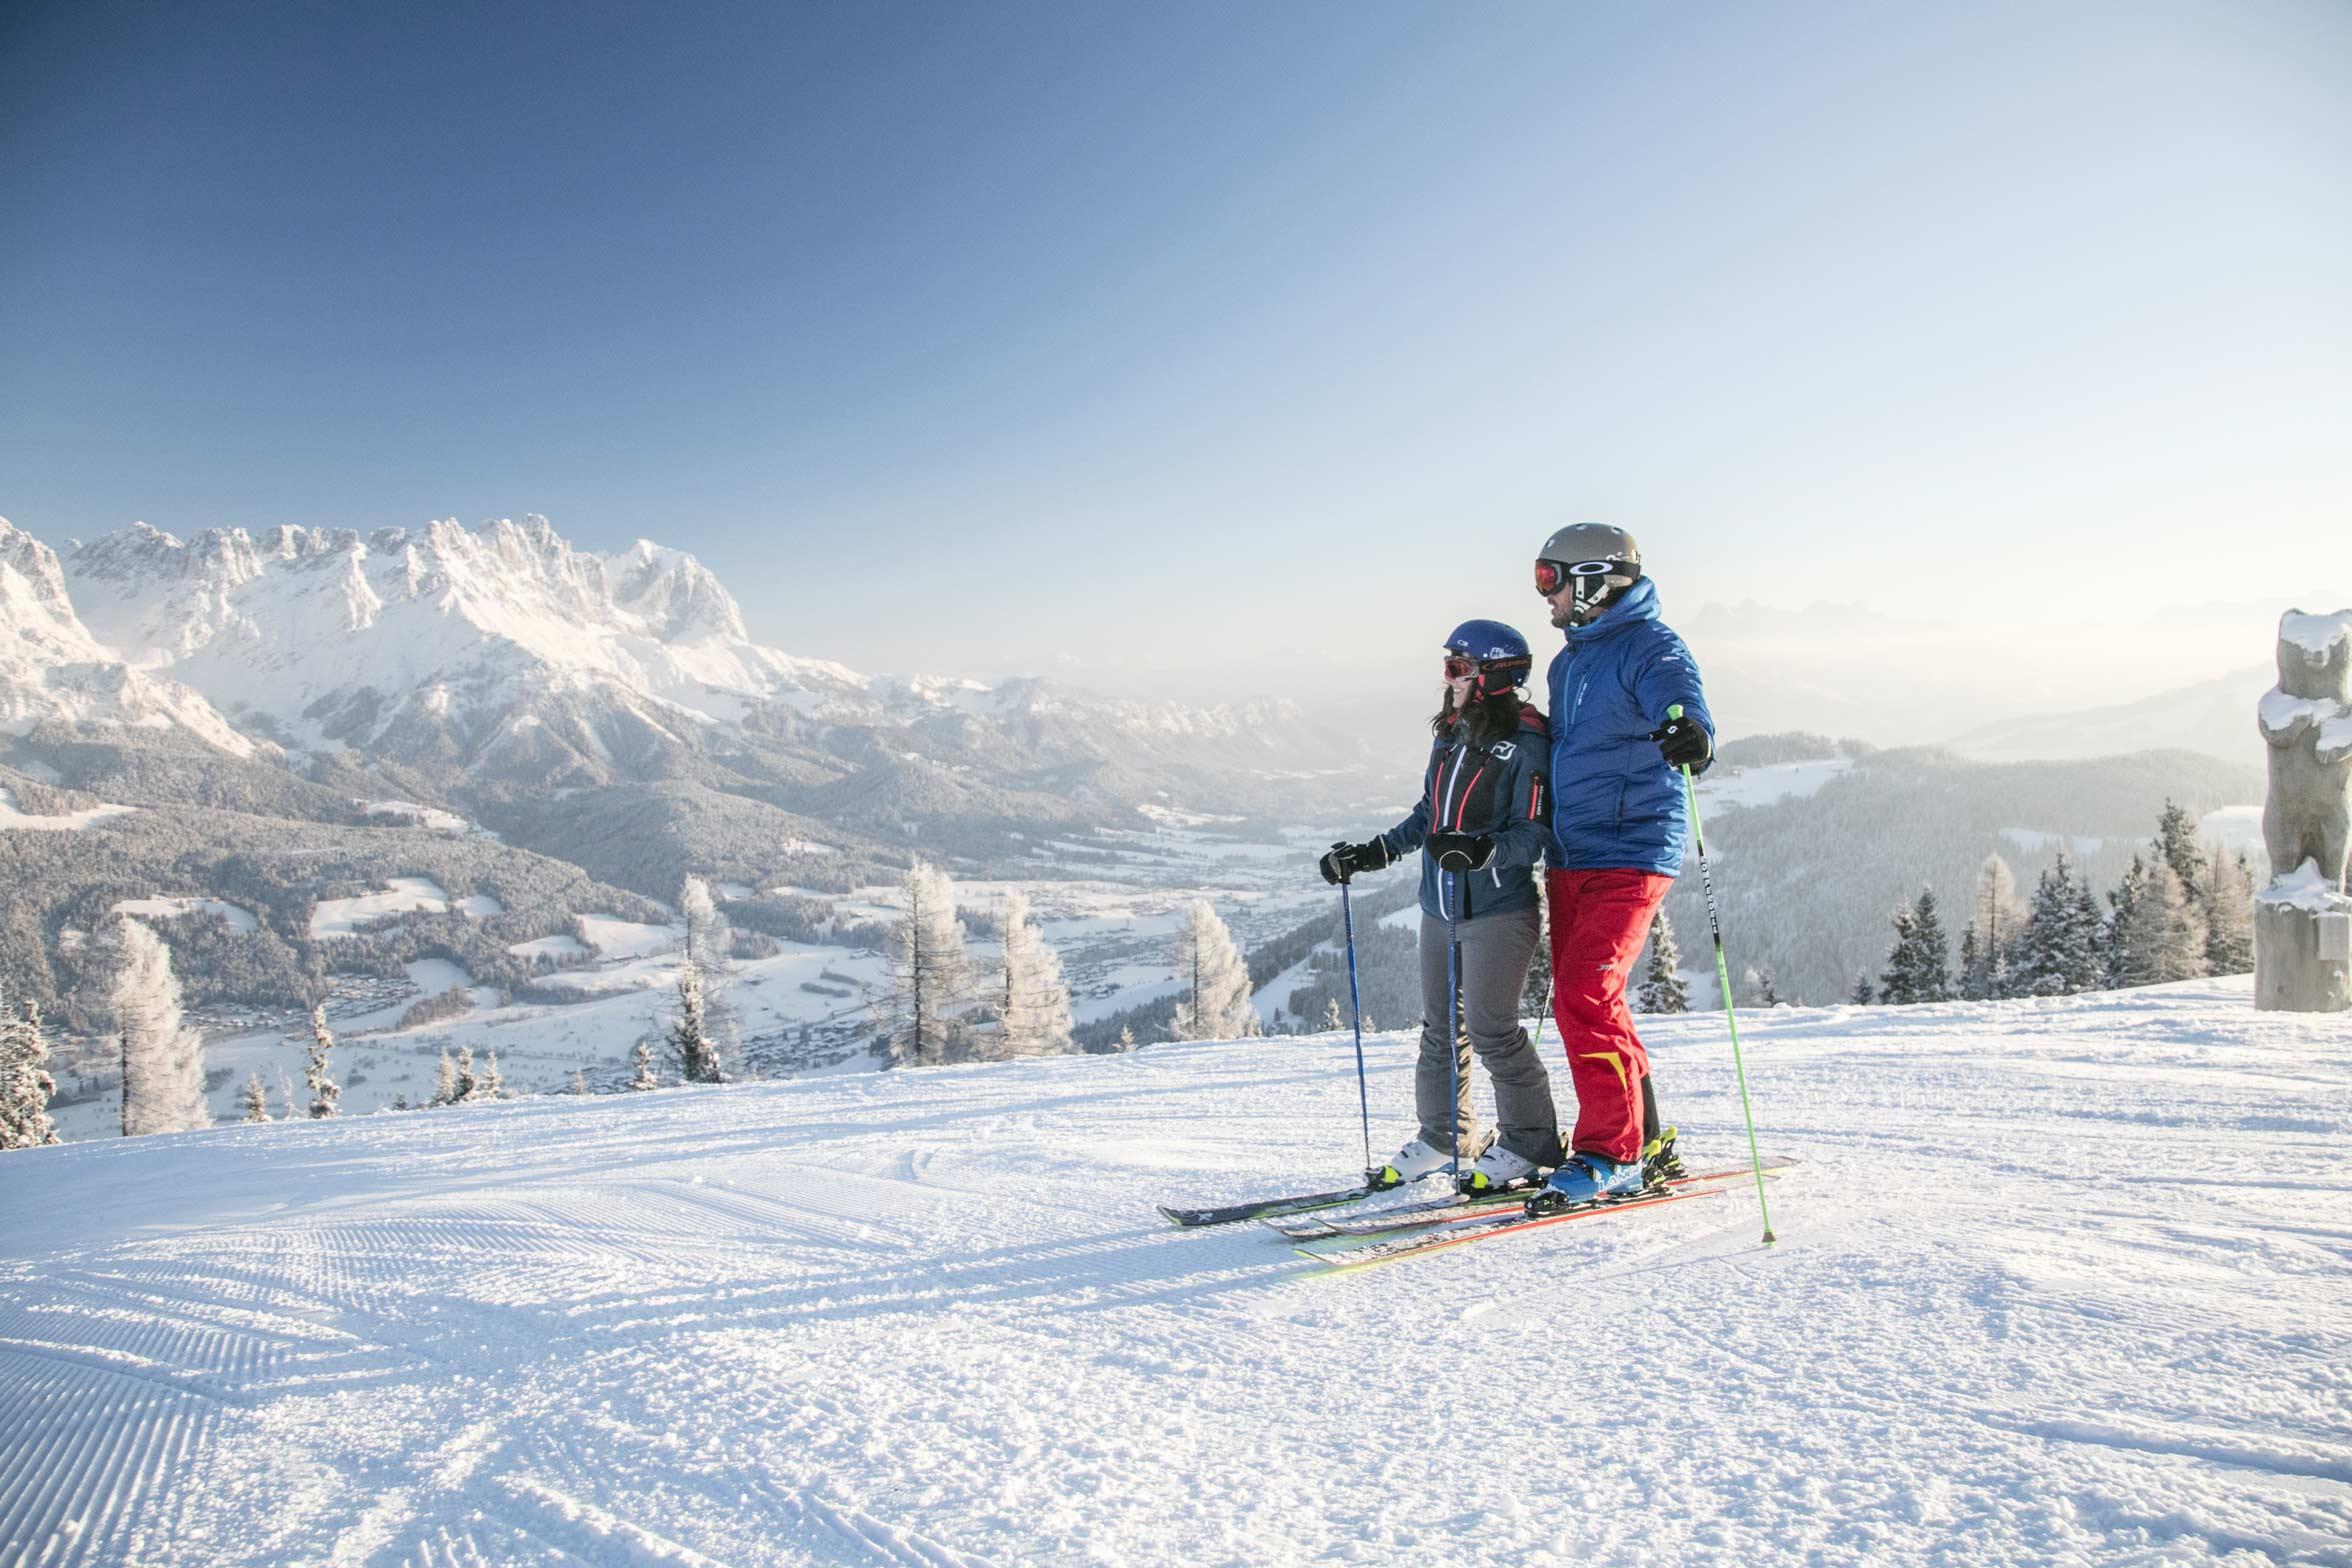 Ein Skifahrer-Pärchen auf den Pisten der Skiwelt genießt den Blick auf den Wilden Kaiser.